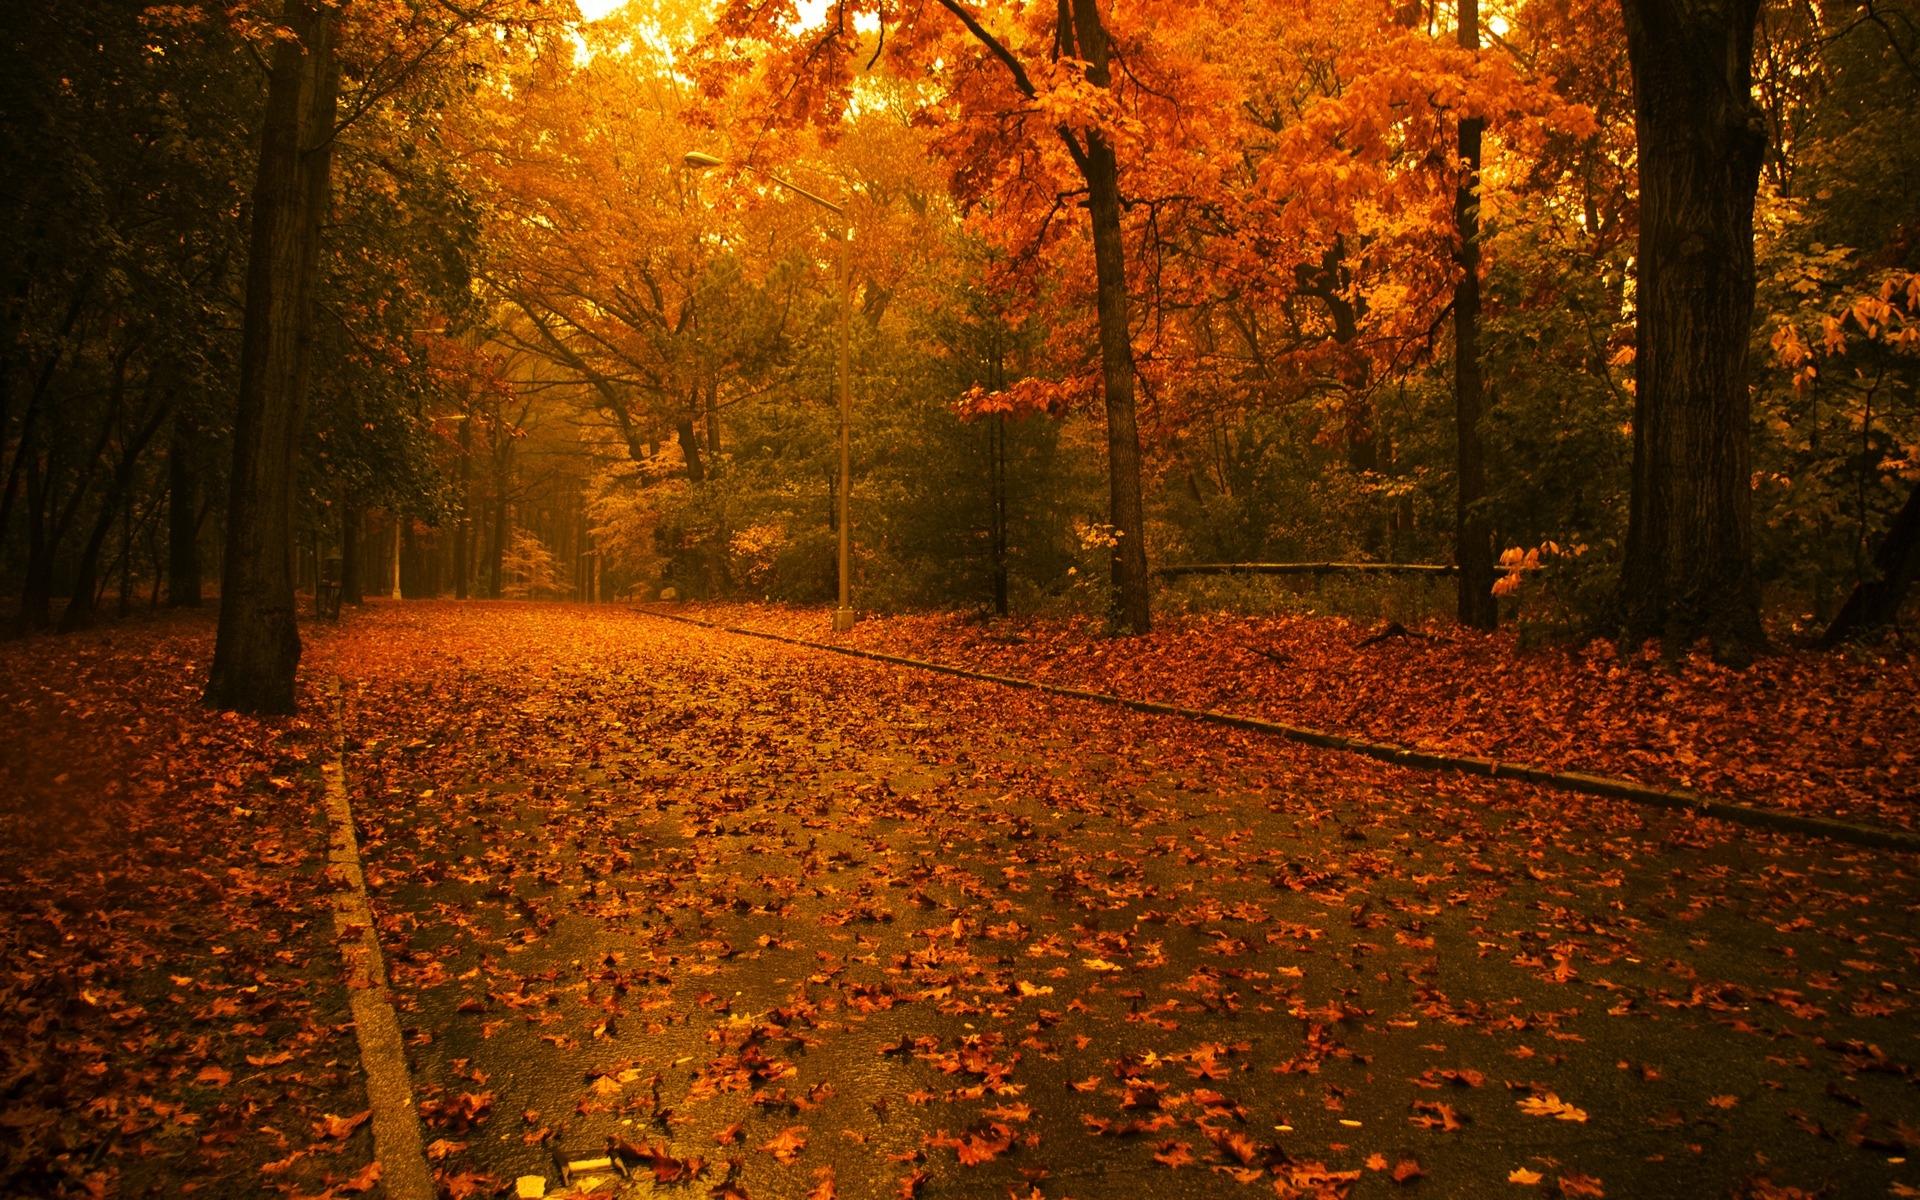 Осень в парке обои для рабочего стола